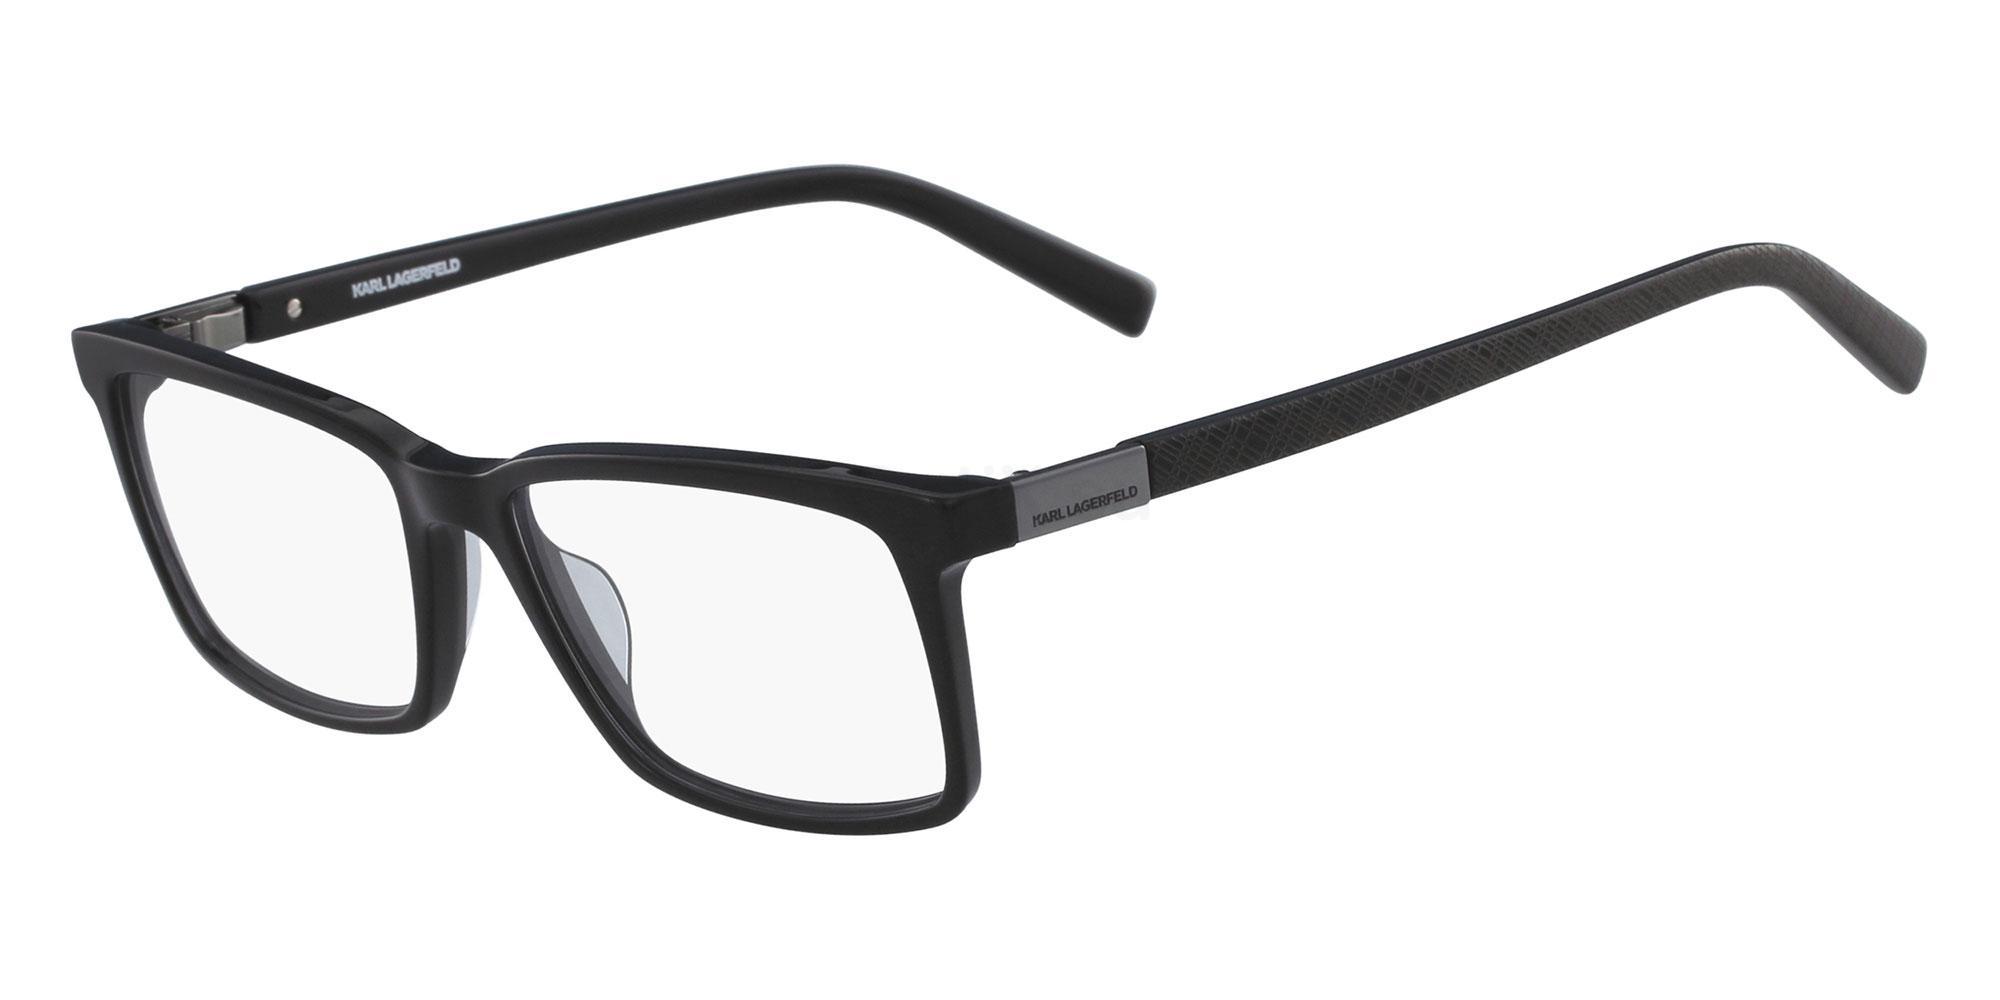 001 KL963 Glasses, Karl Lagerfeld